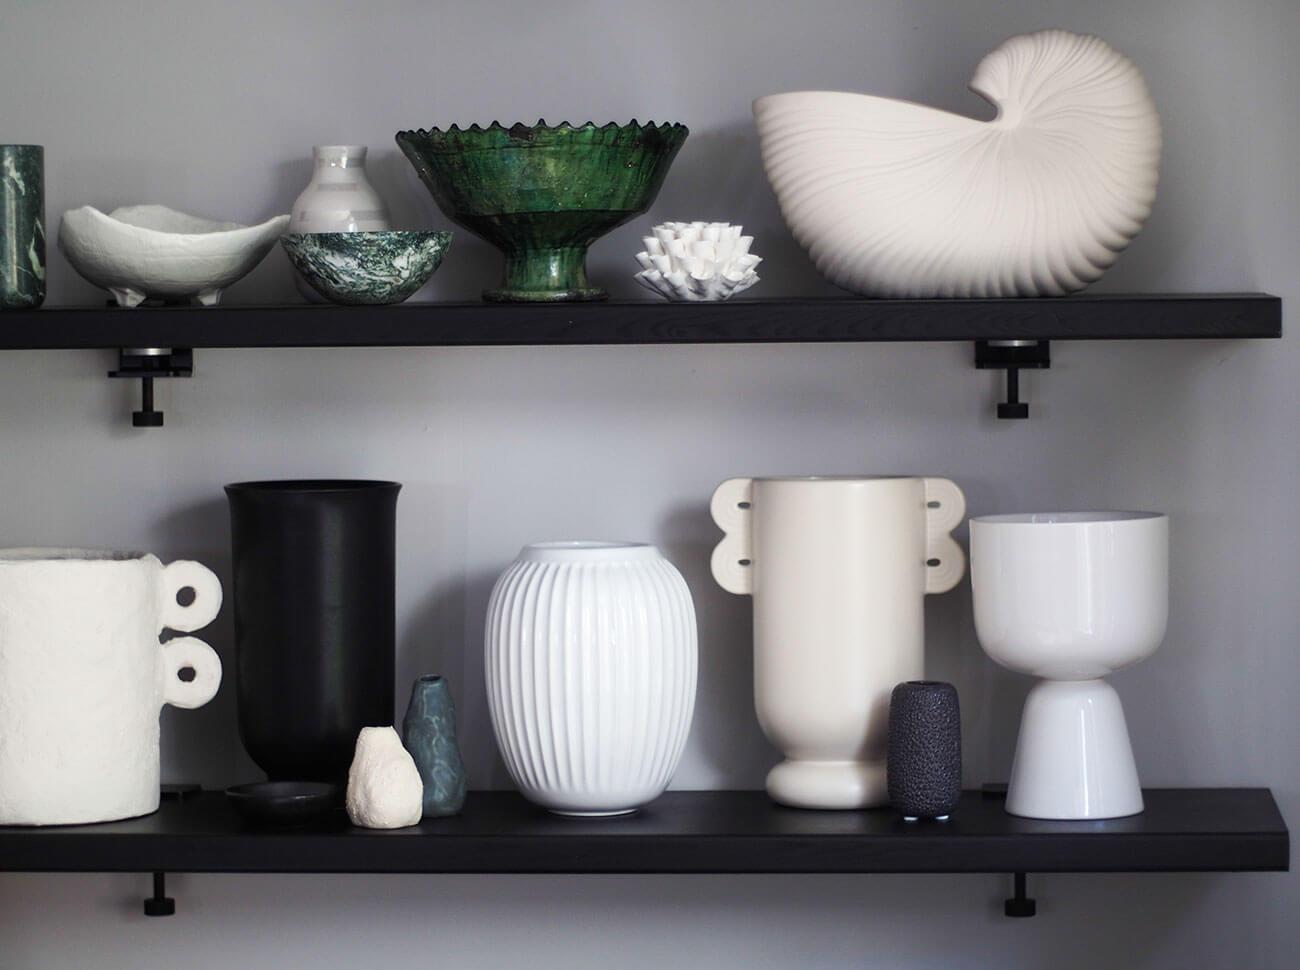 Vase décoration d'intérieur